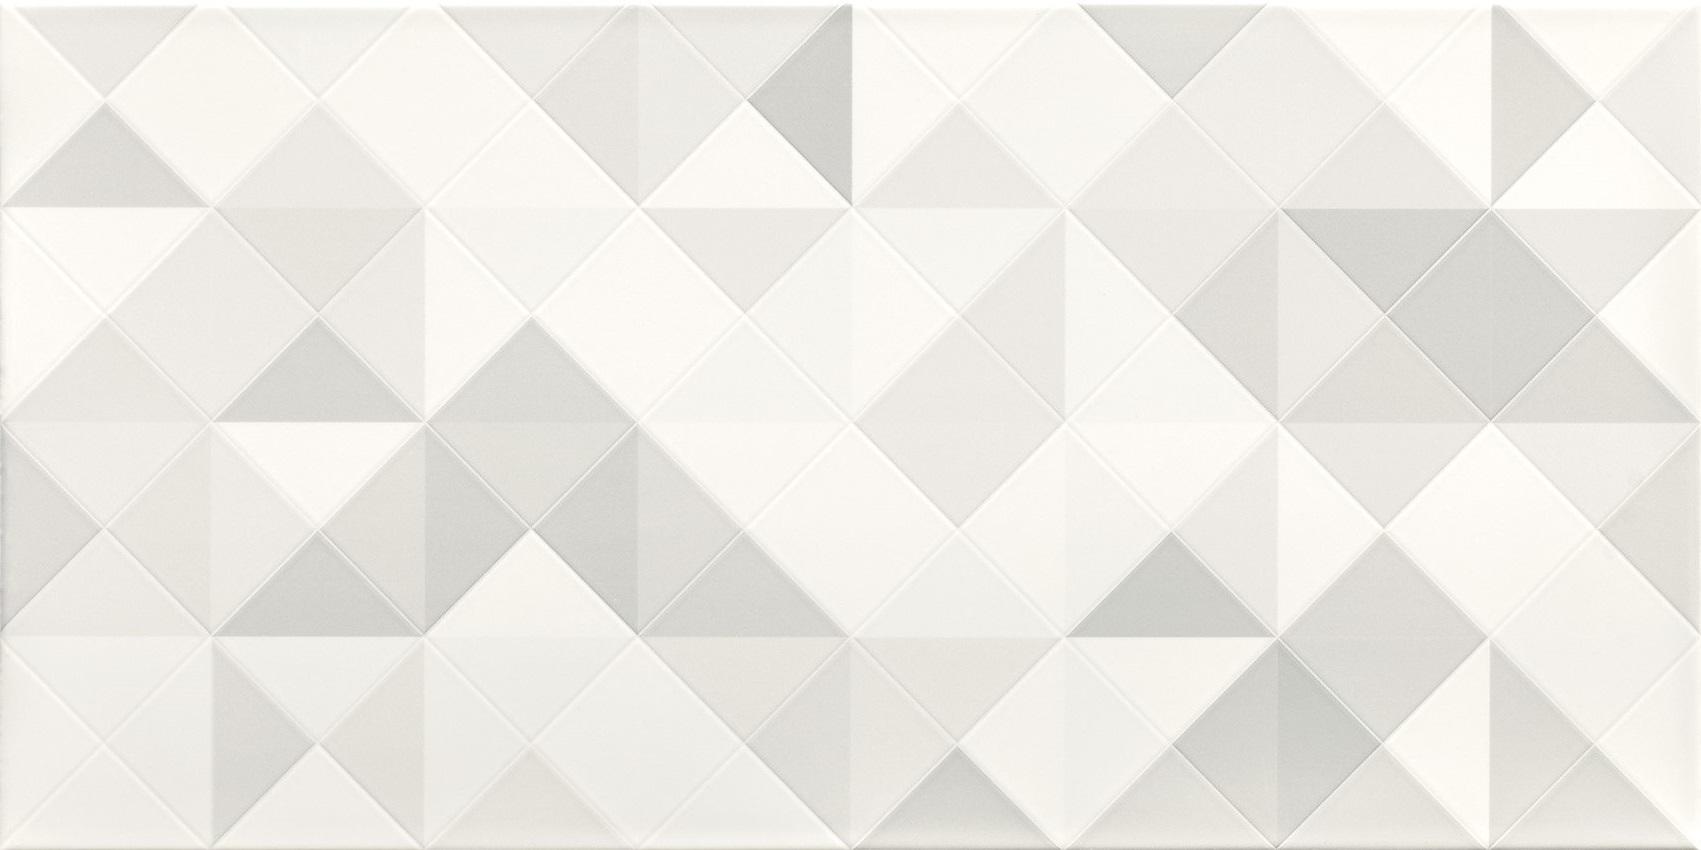 Tonnes motyw B - obkládačka 30x60 šedá